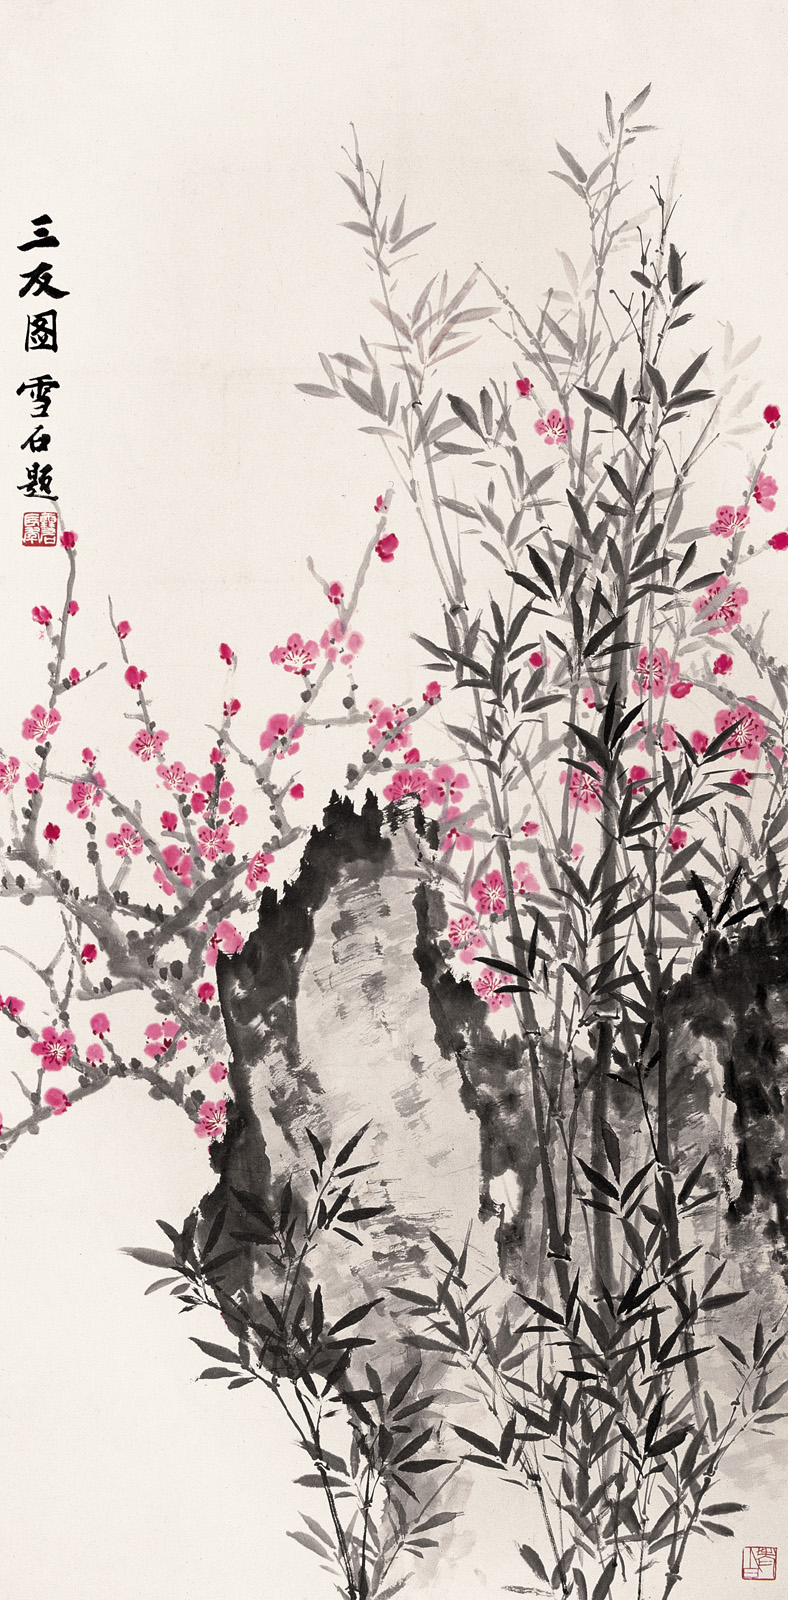 这些大家的山水画都是对生活中的山石树木形象刻画的生动多彩,笔墨